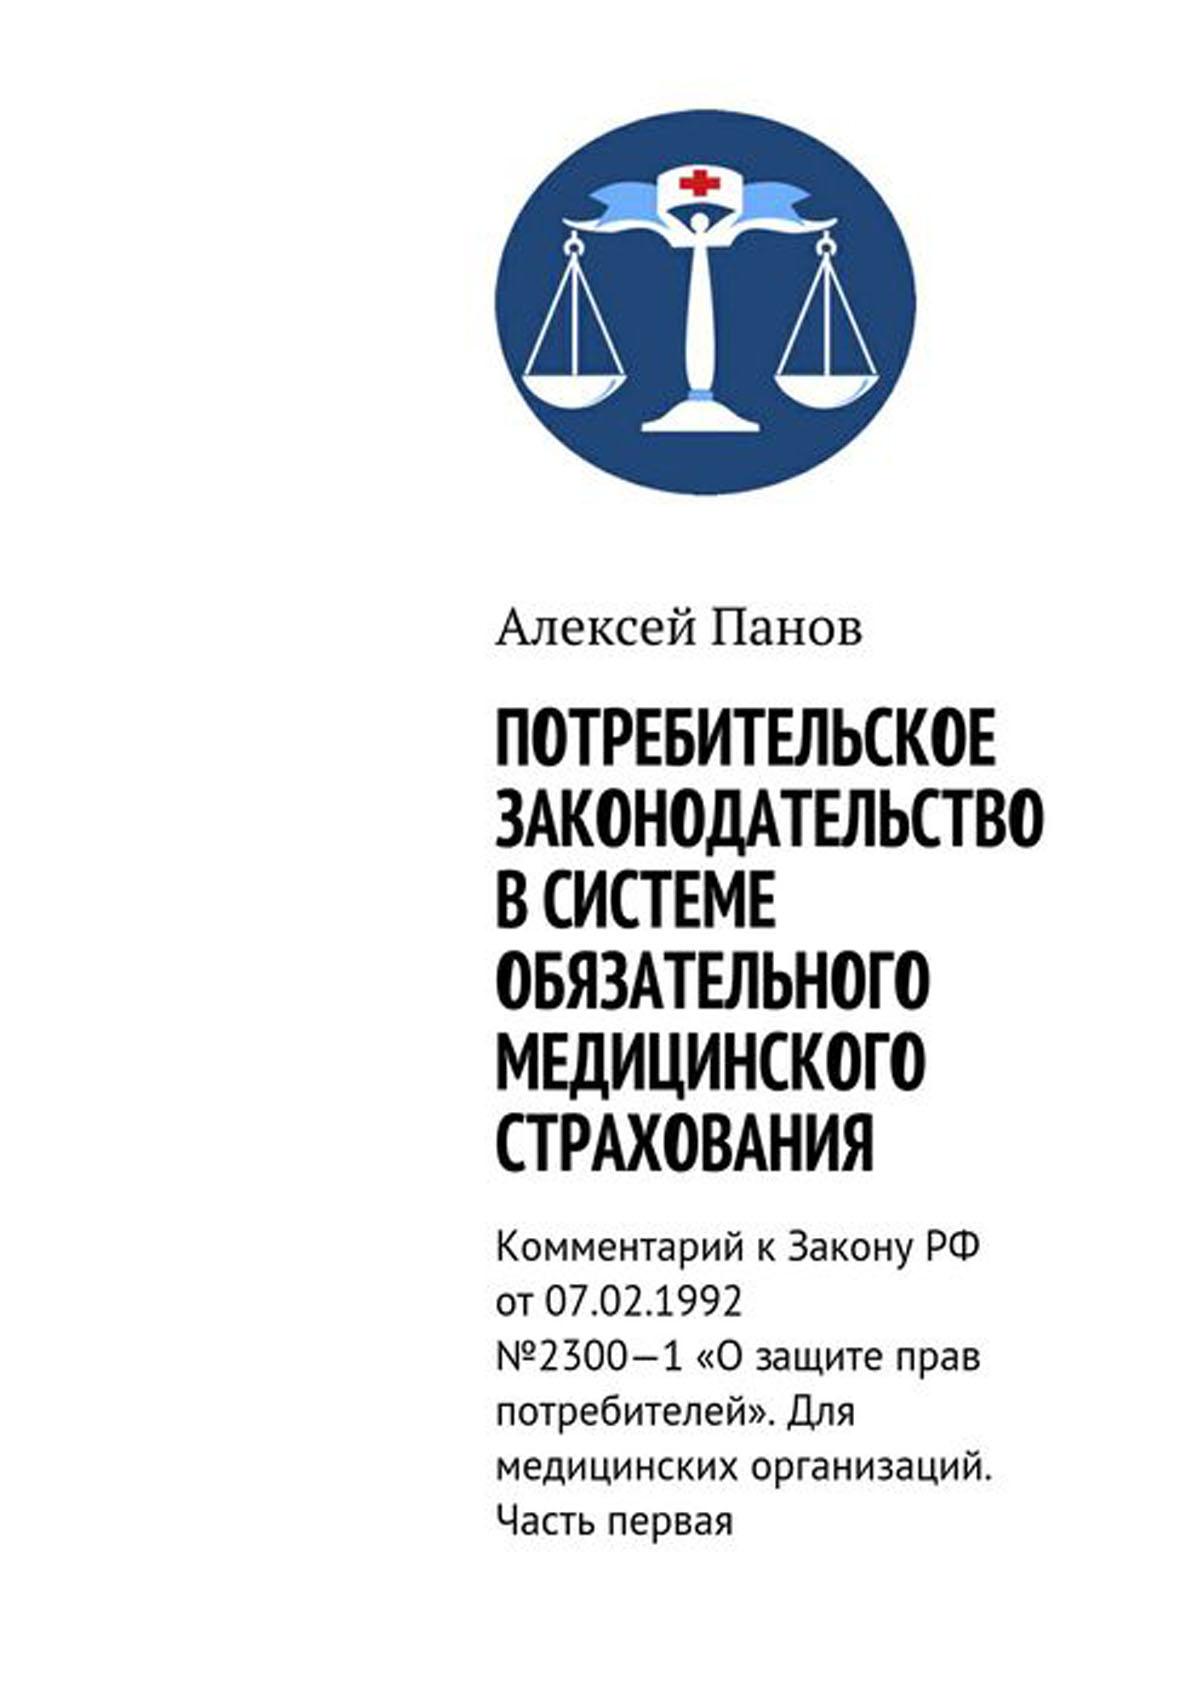 Потребительское законодательство в системе обязательного медицинского страхования. Комментарий к Закону РФ от 07.02.1992 №2300—1 «О защите прав потребителей». Для медицинских организаций. Часть первая